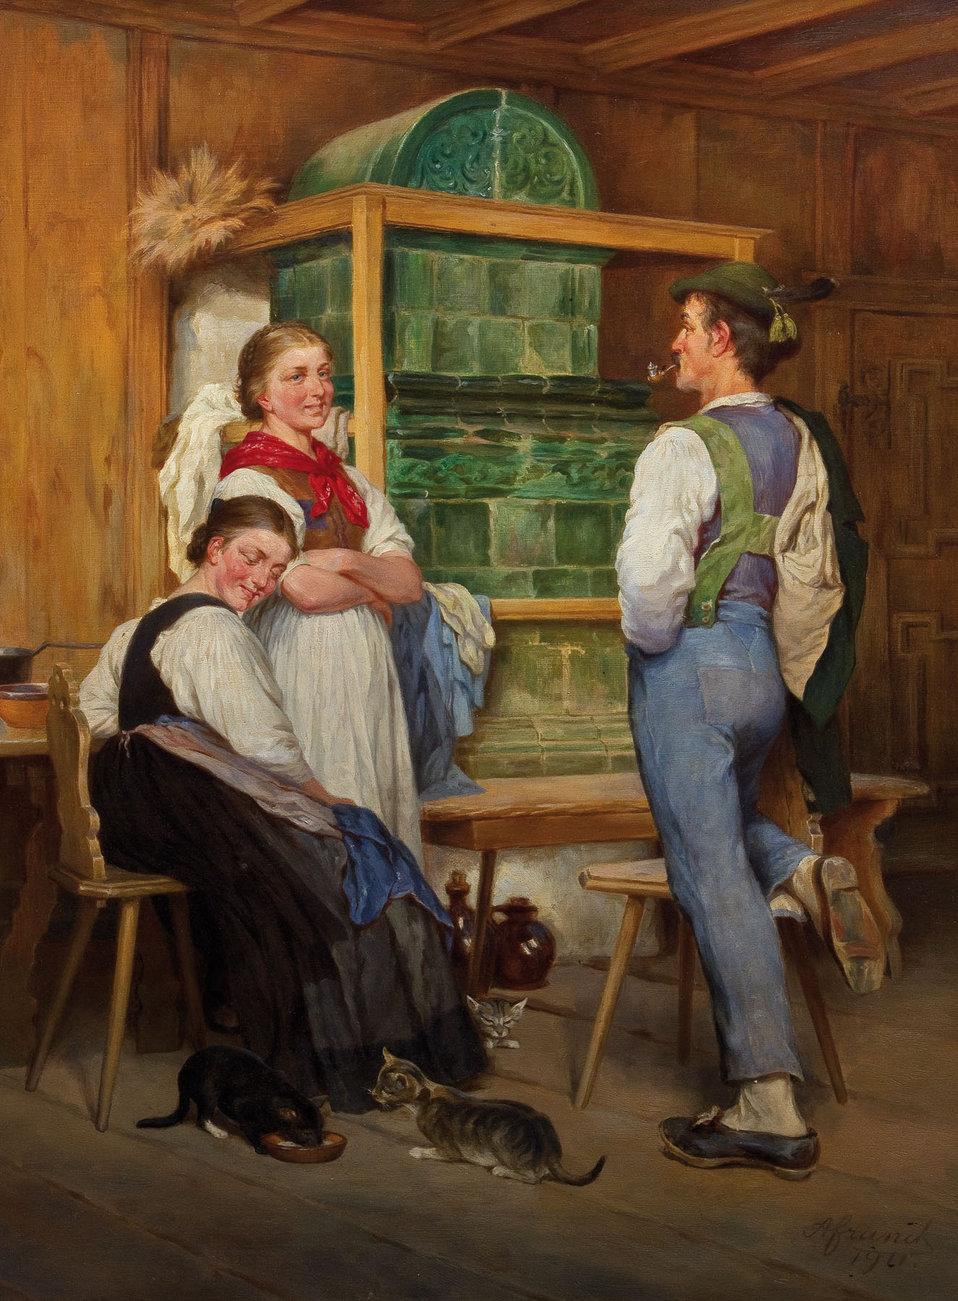 In der guten Stube. Öl auf Leinwand. Unten rechts signiert und datiert A. Franck 1911.. 78 x 60,5 cm